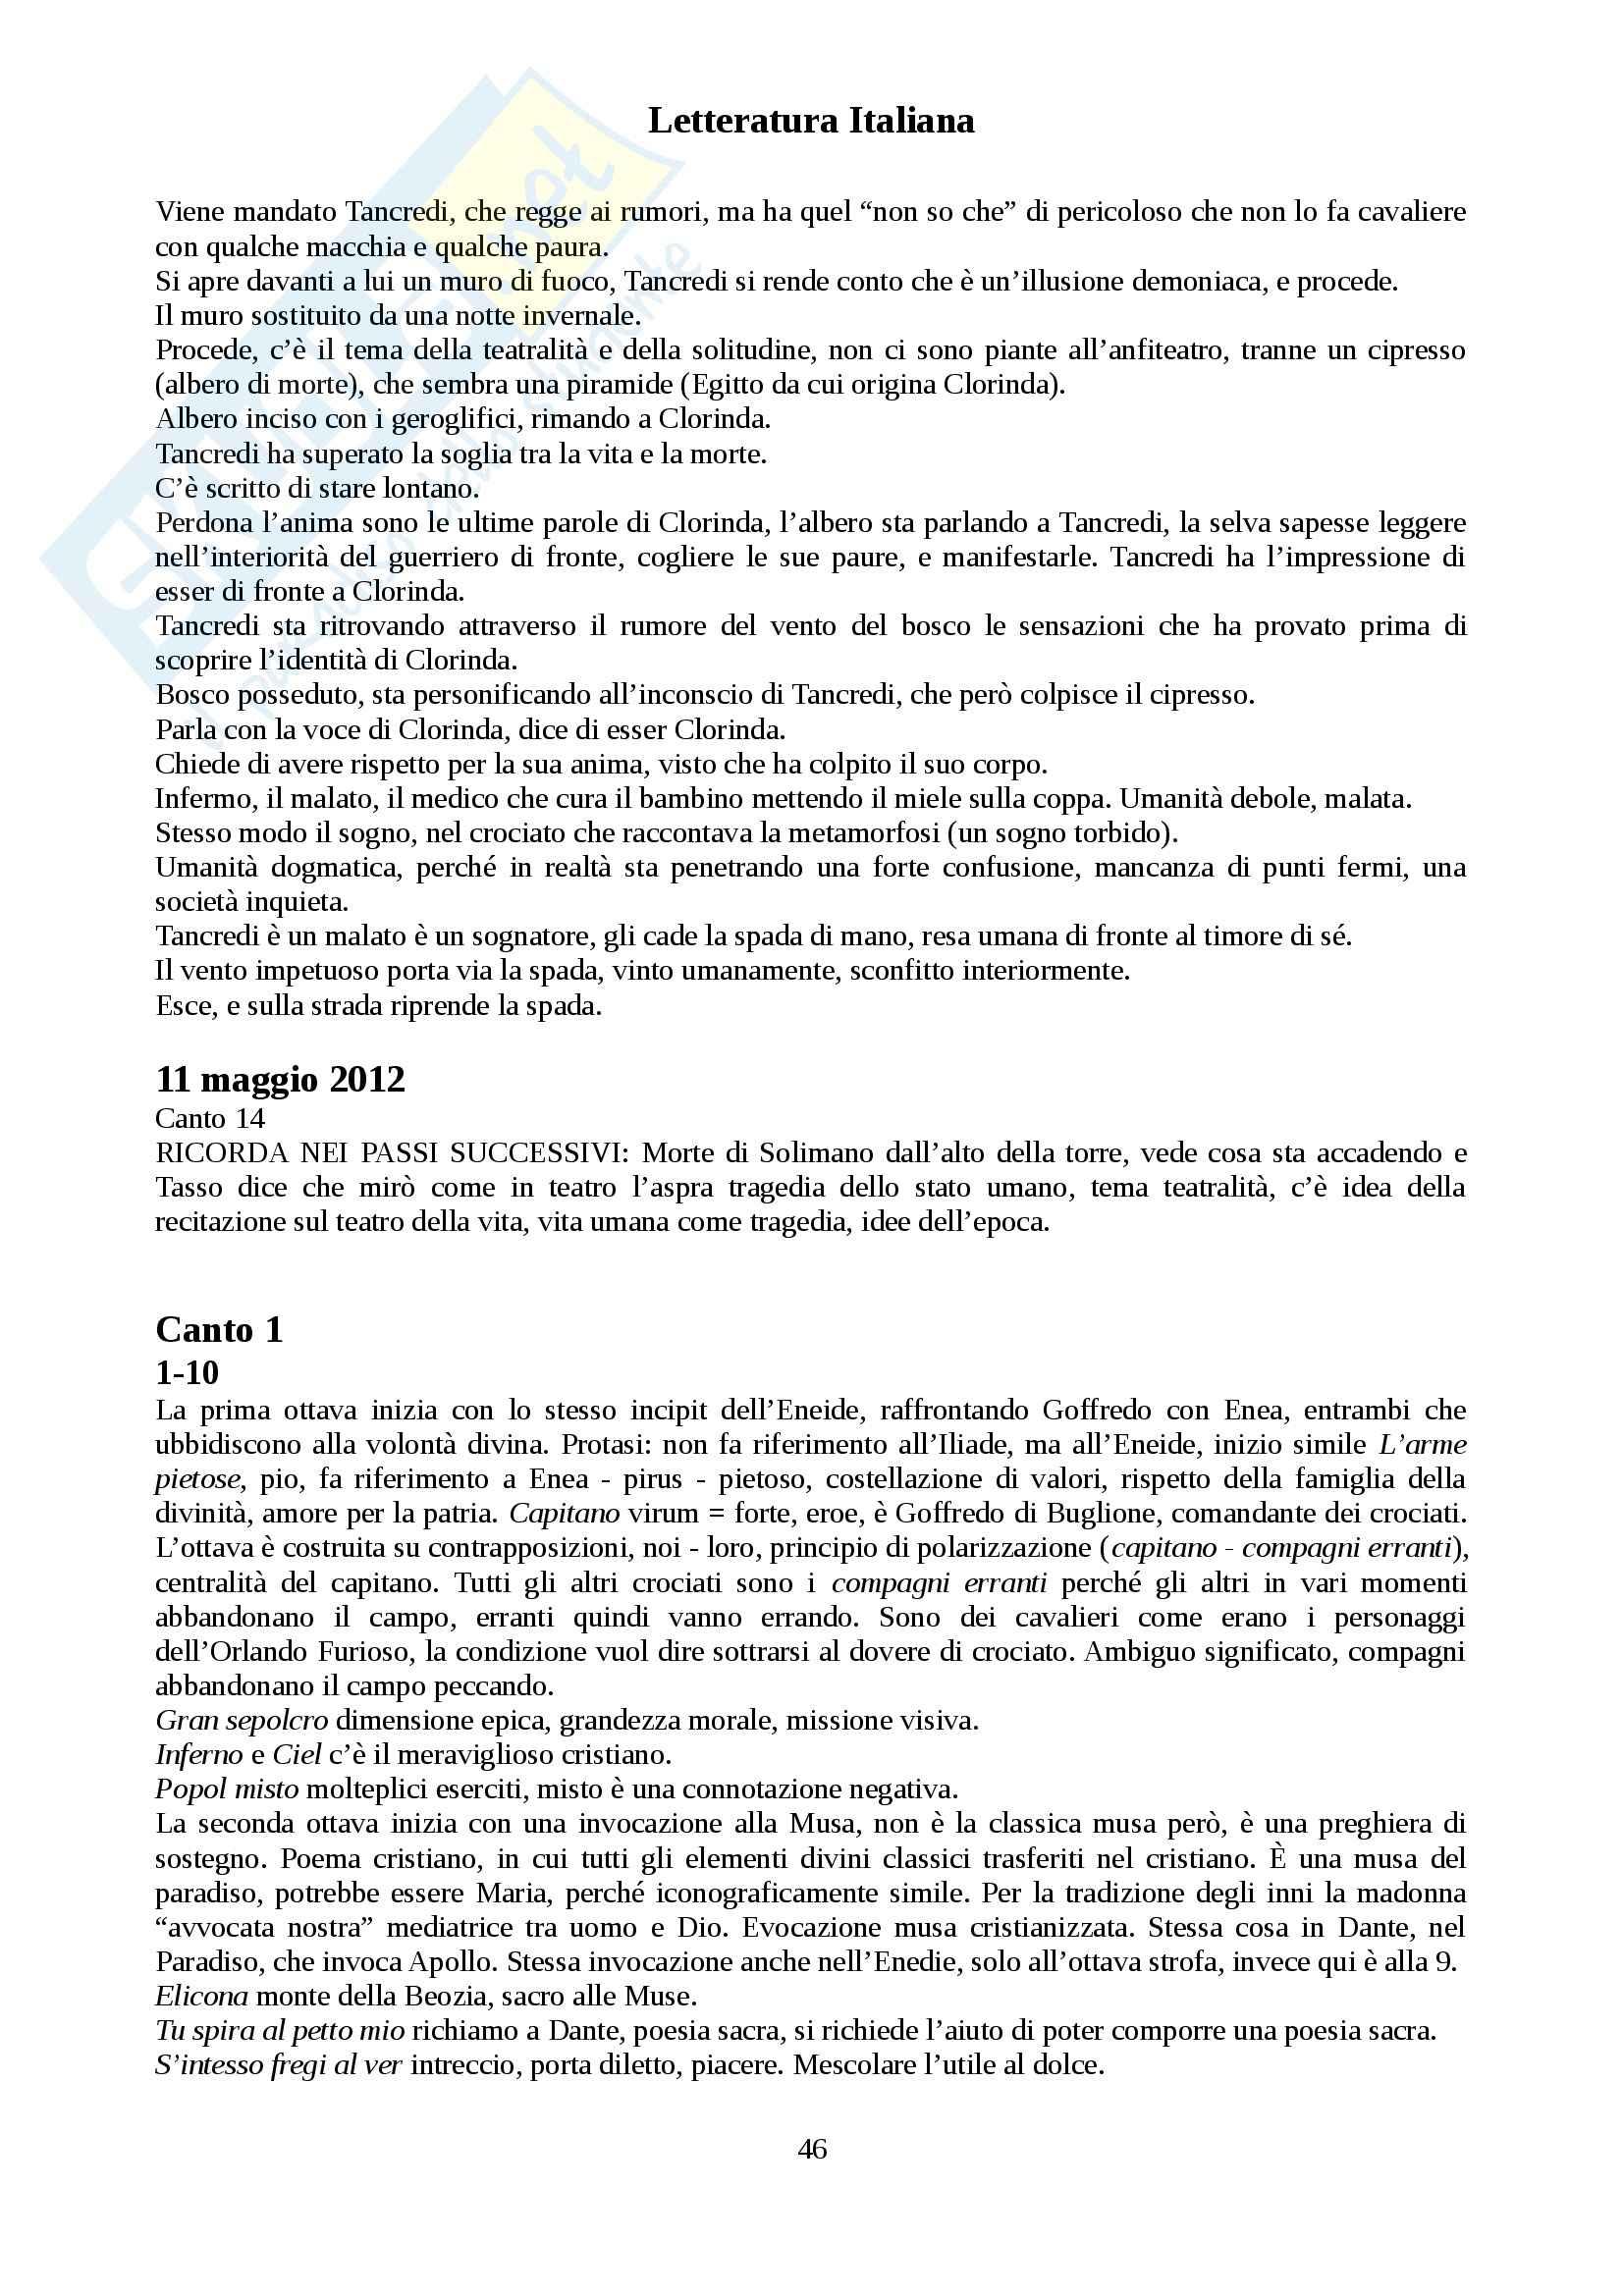 Letteratura Italiana - Appunti Pag. 46